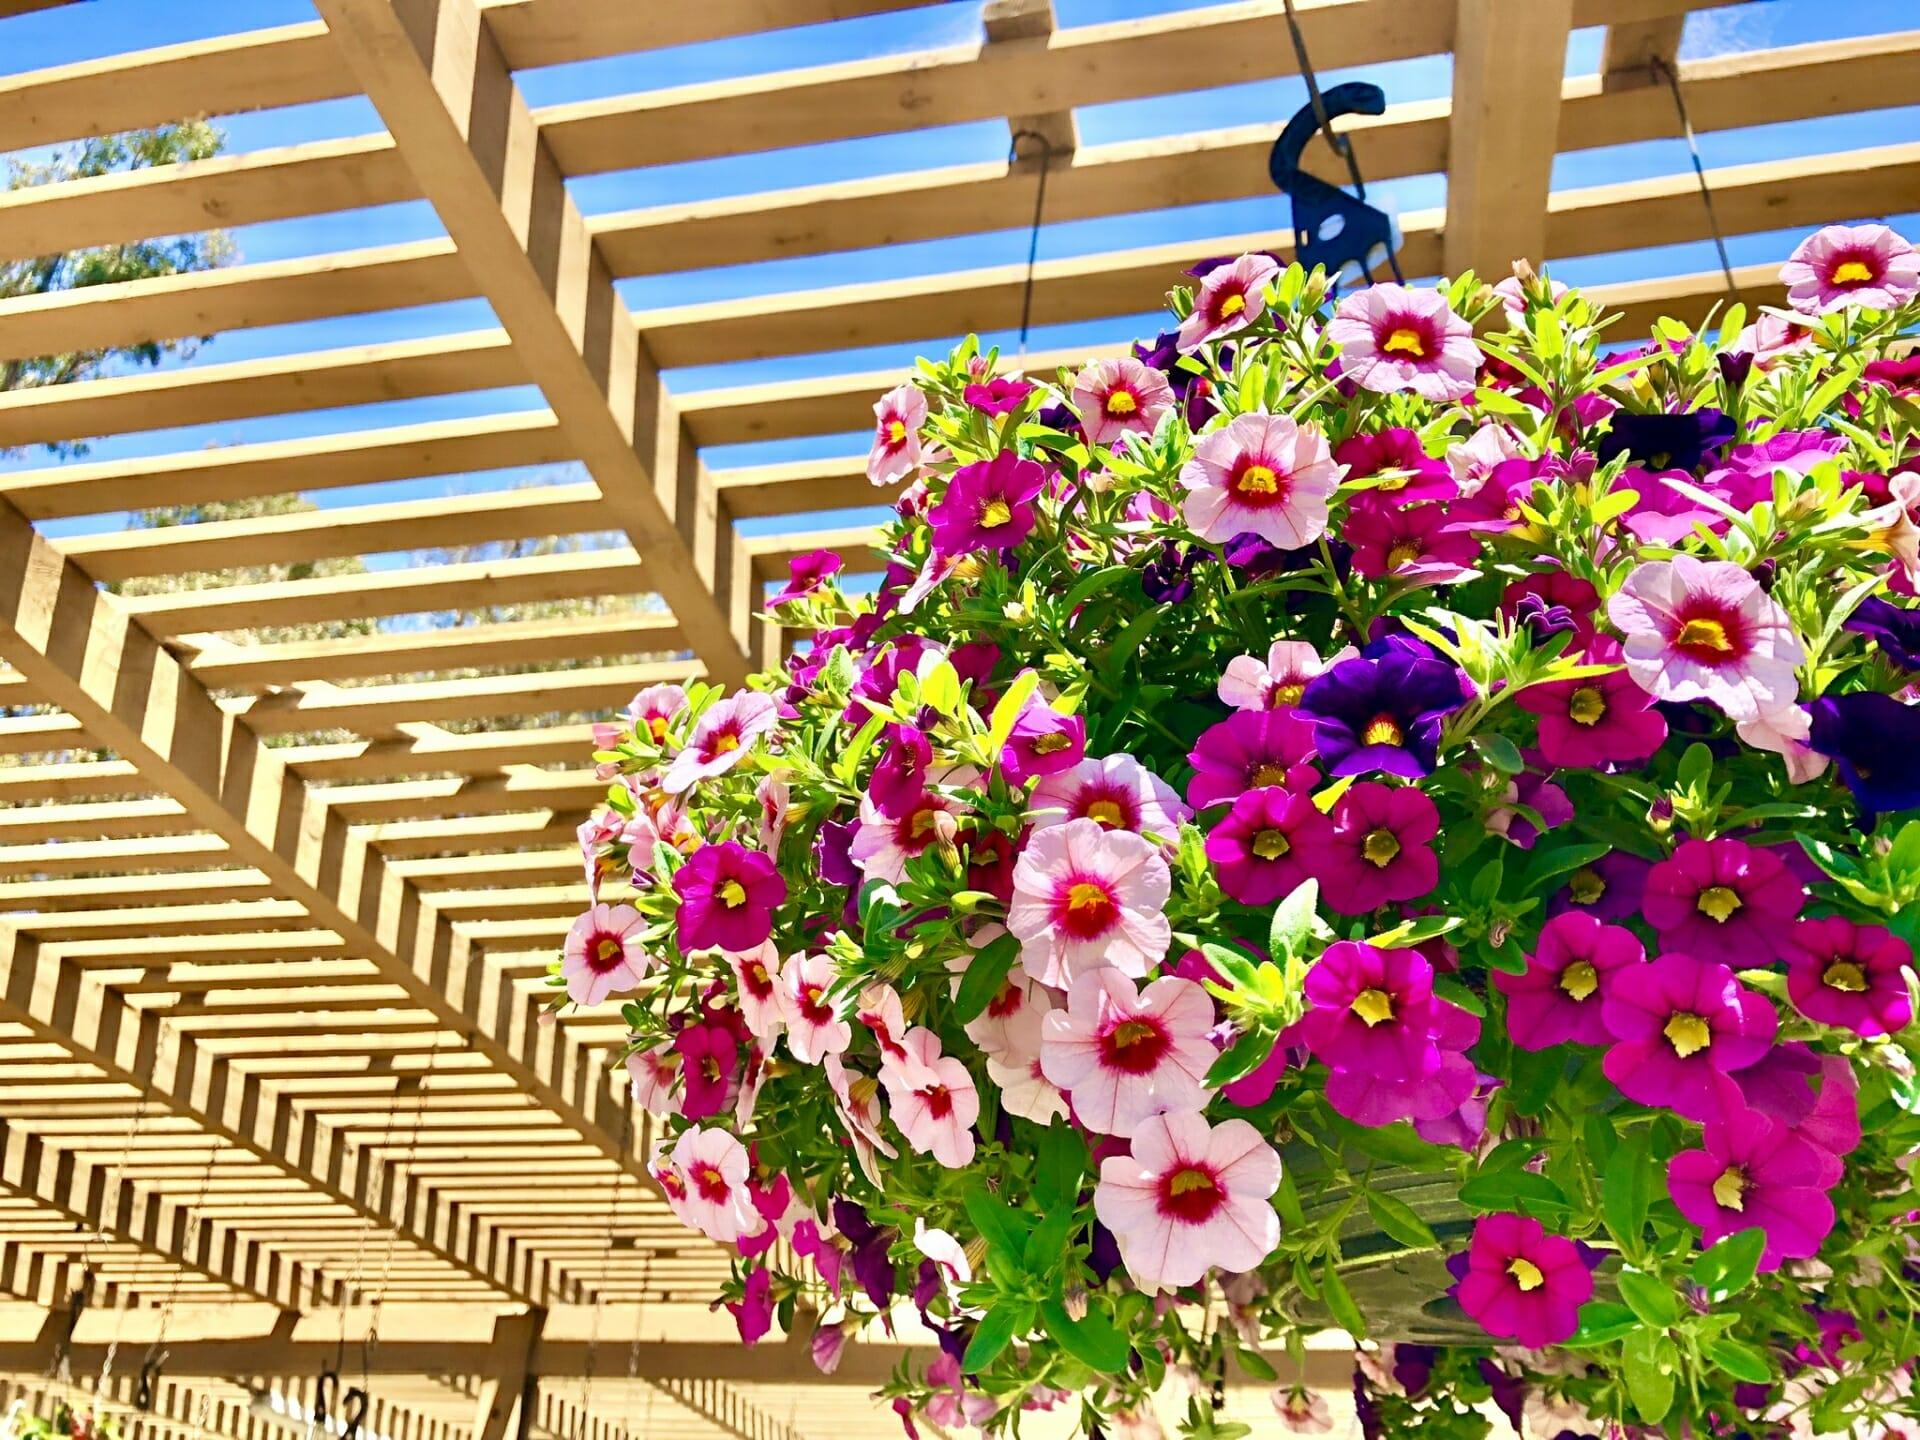 満開に咲き誇るペチュニア